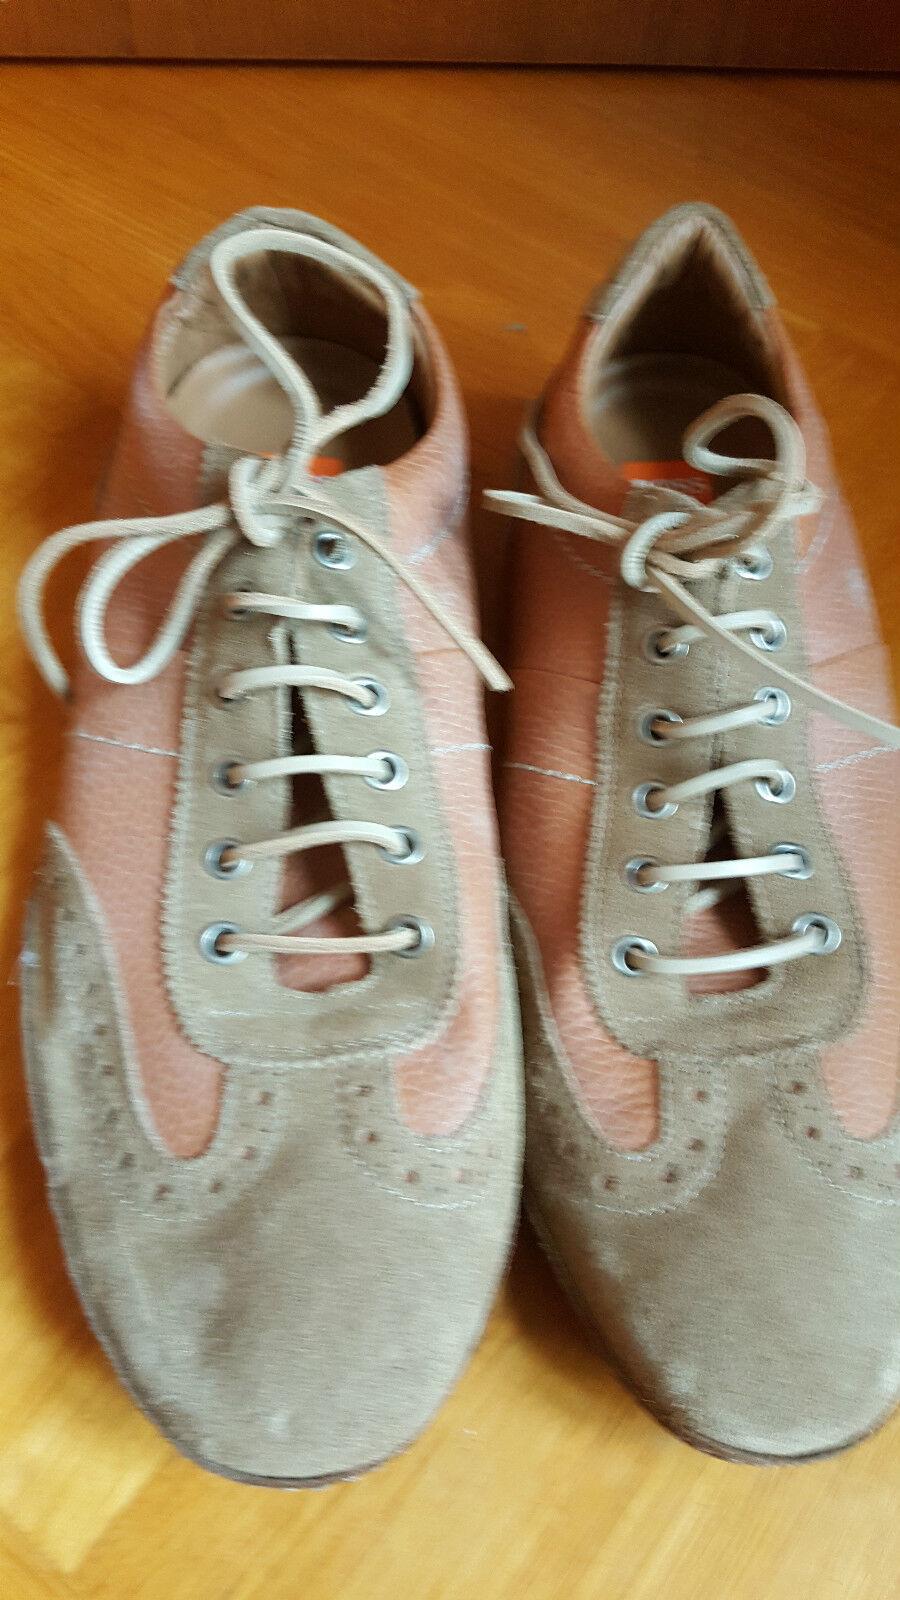 Nuevo jefe de diseño zapatillas deporte cortos de cuero marrón crema us 11.5